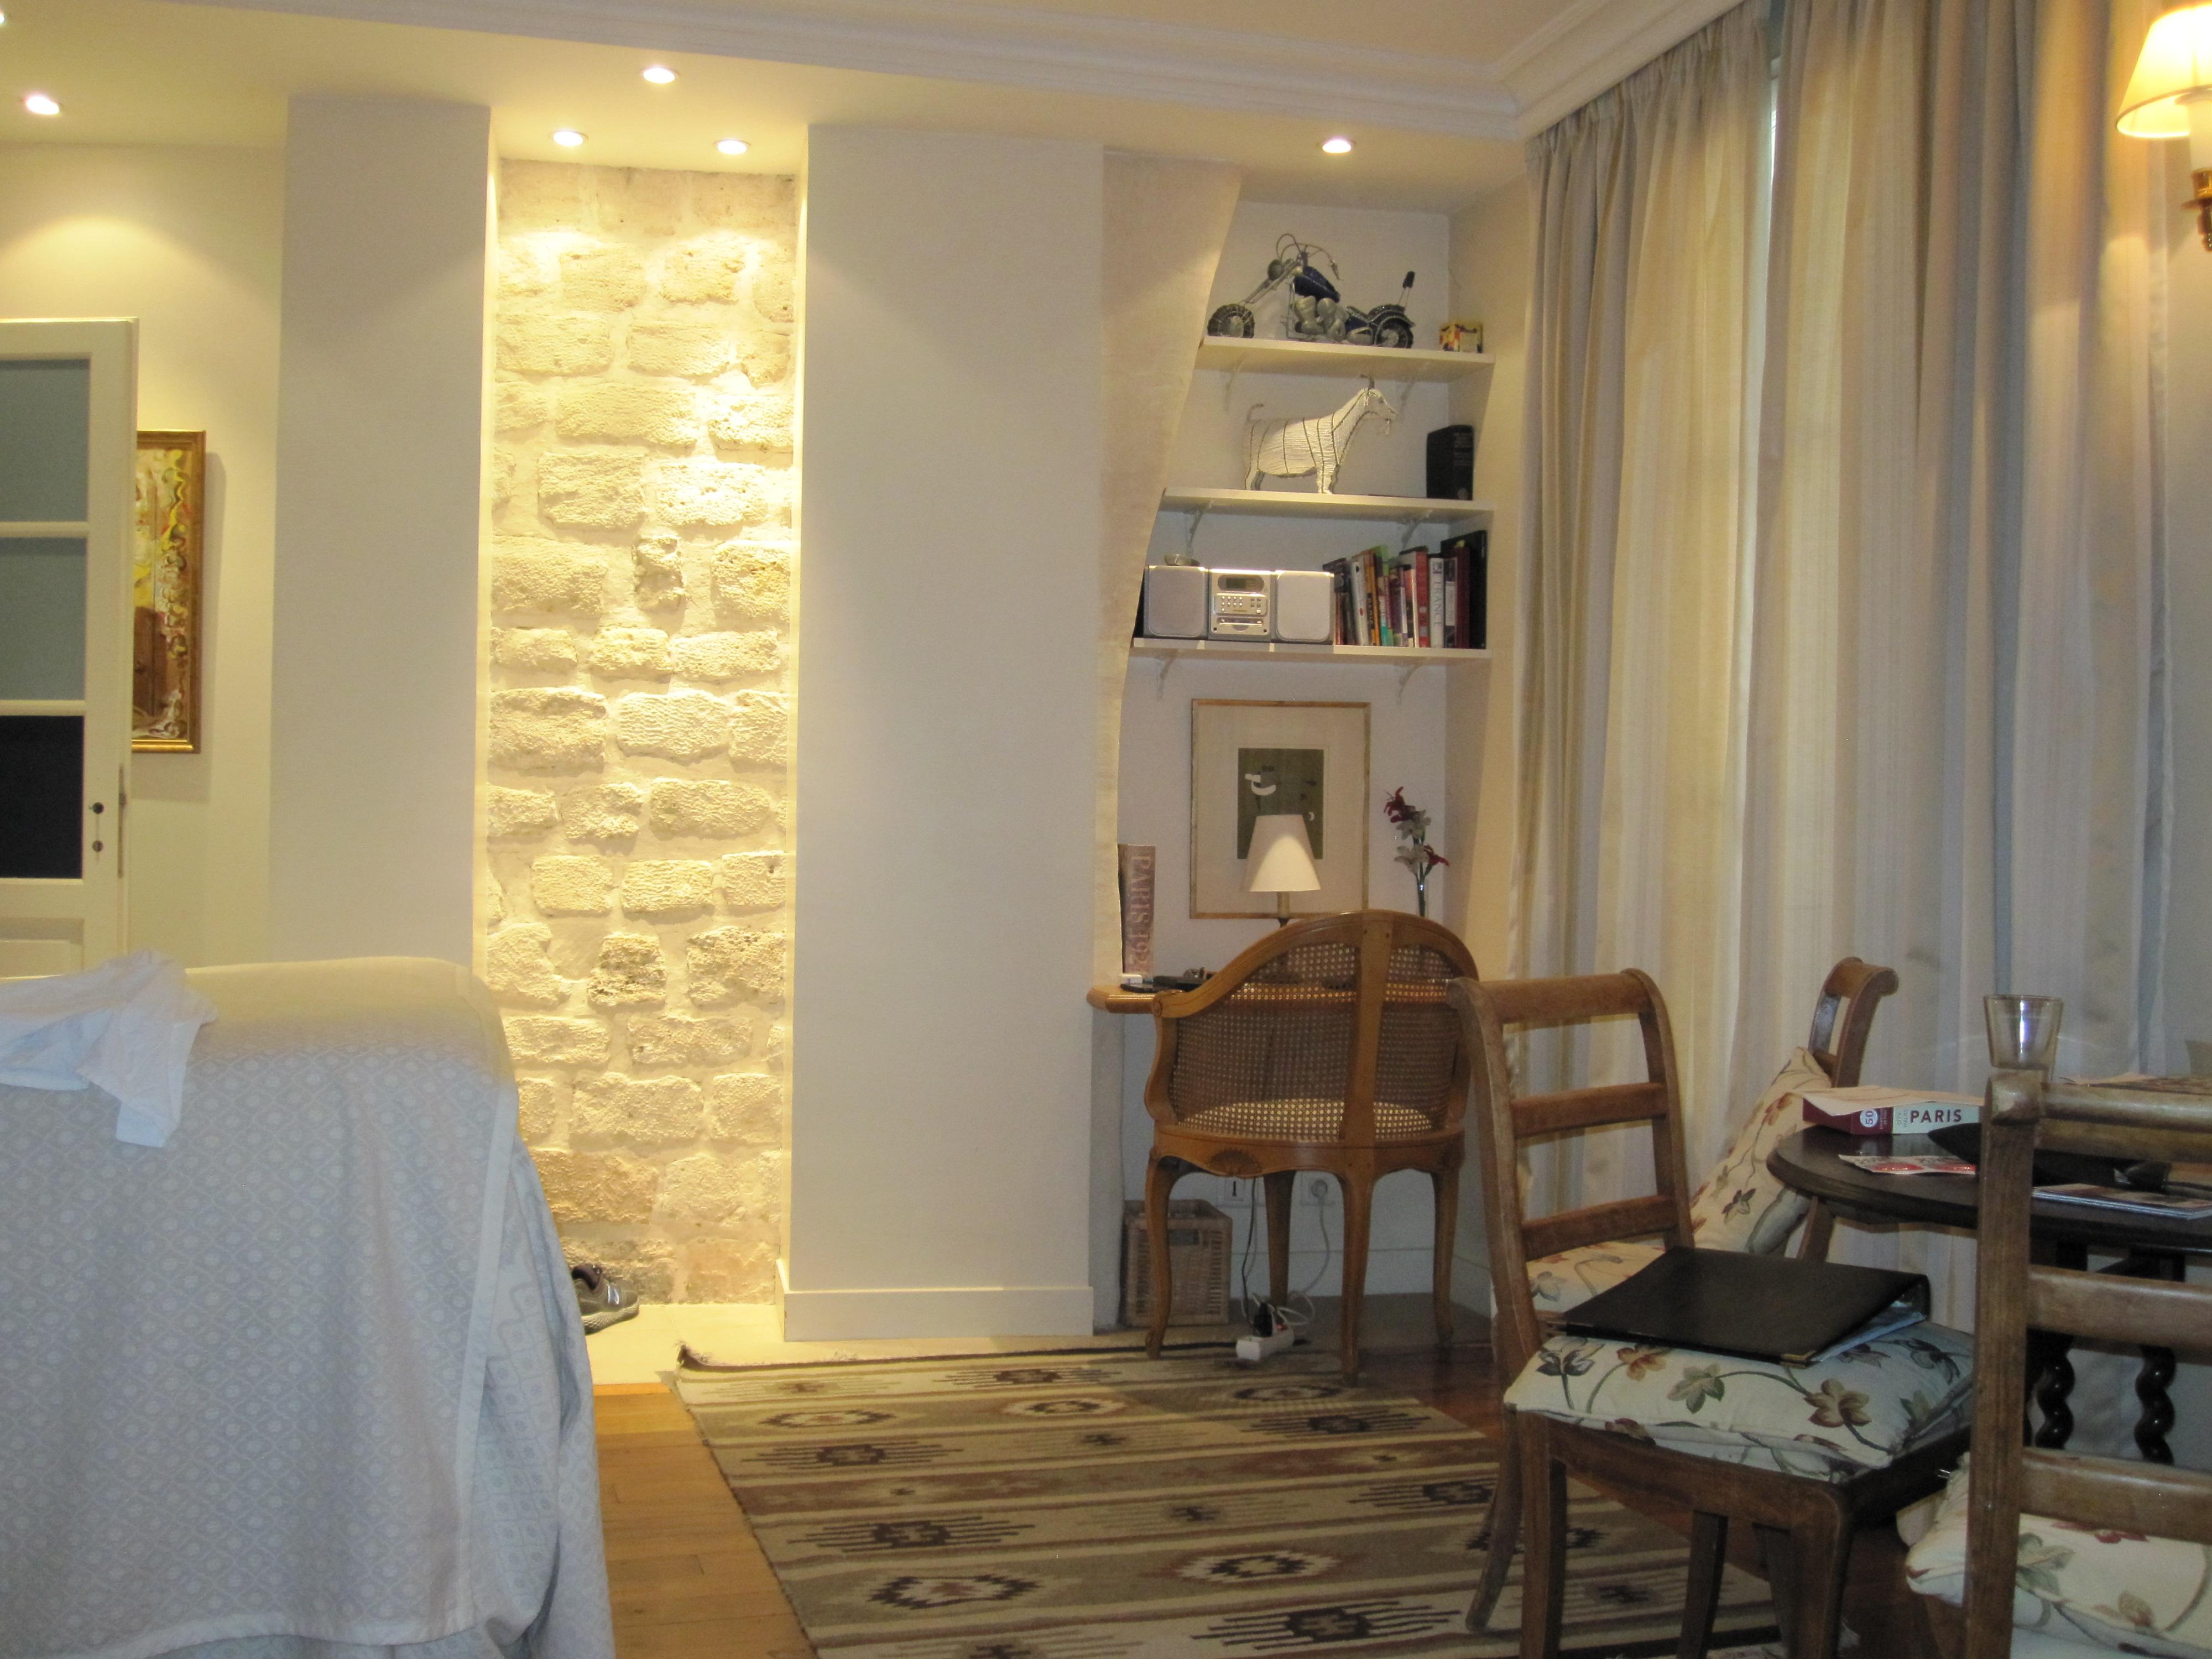 Charlemagne apartment in Paris